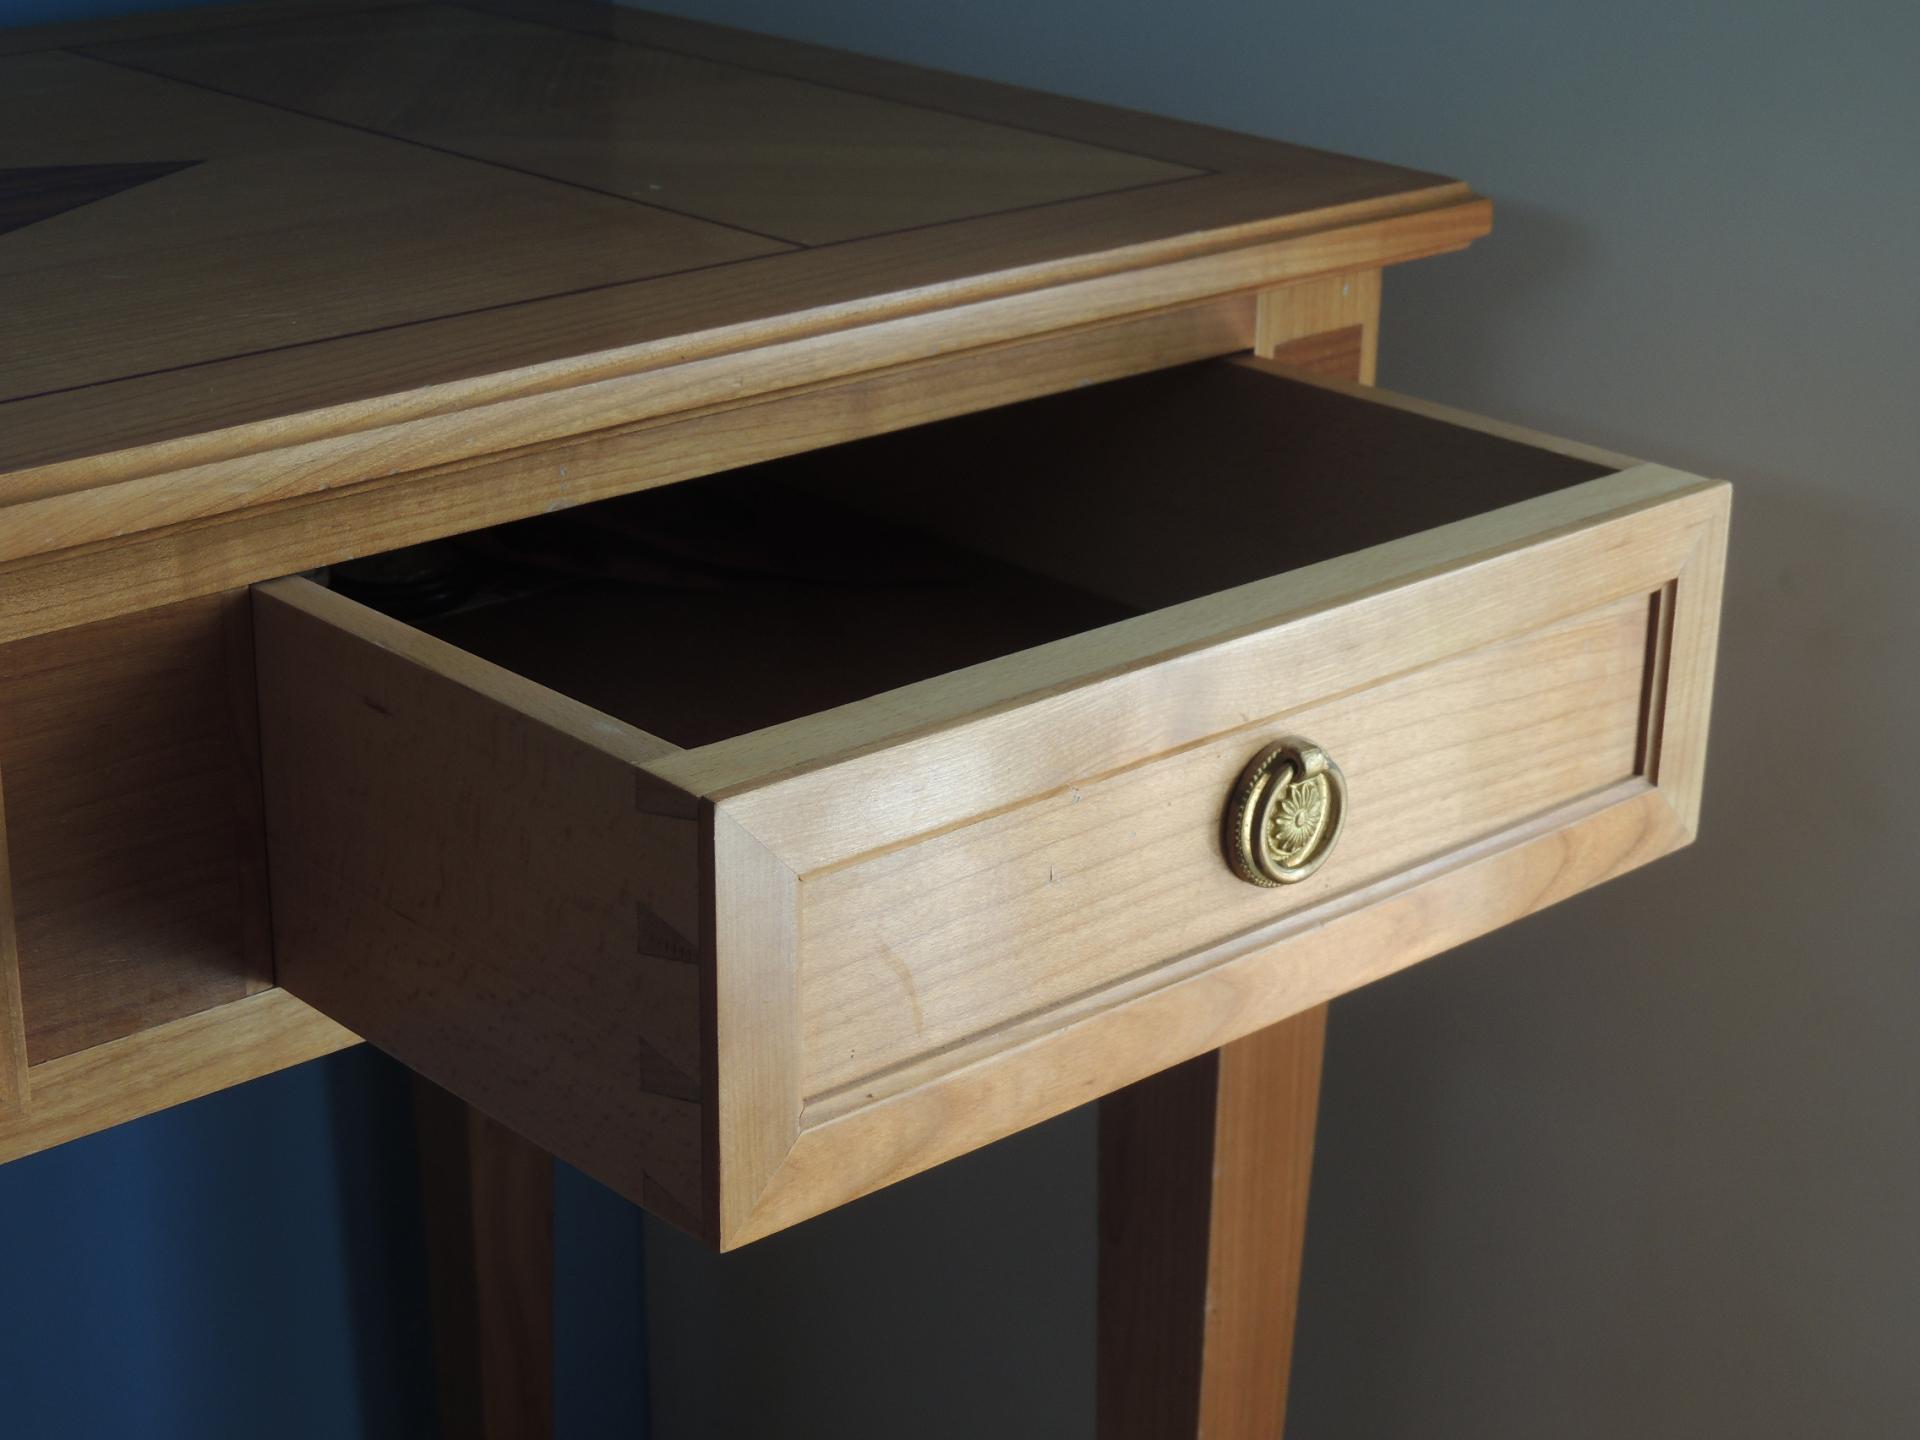 ateliercannelle.com (17) - tiroir a queue d'aronde